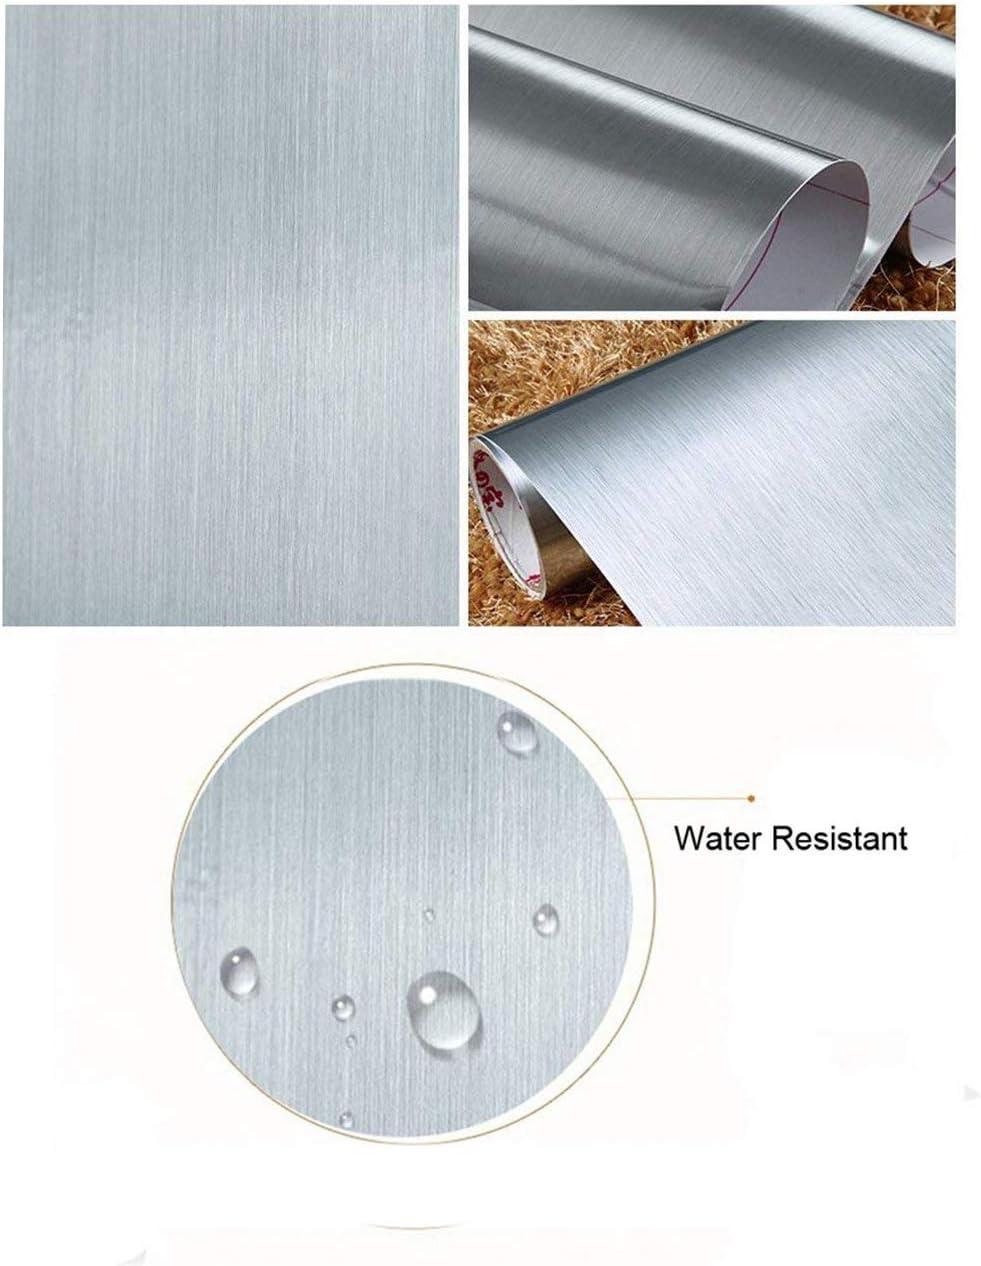 Peel y Stick cepillado acero inoxidable láminas de vinilo autoadhesivo Papel de contacto estante maletero para cubrir Backsplash horno lavavajillas despensa aparatos (60x 200 cm)